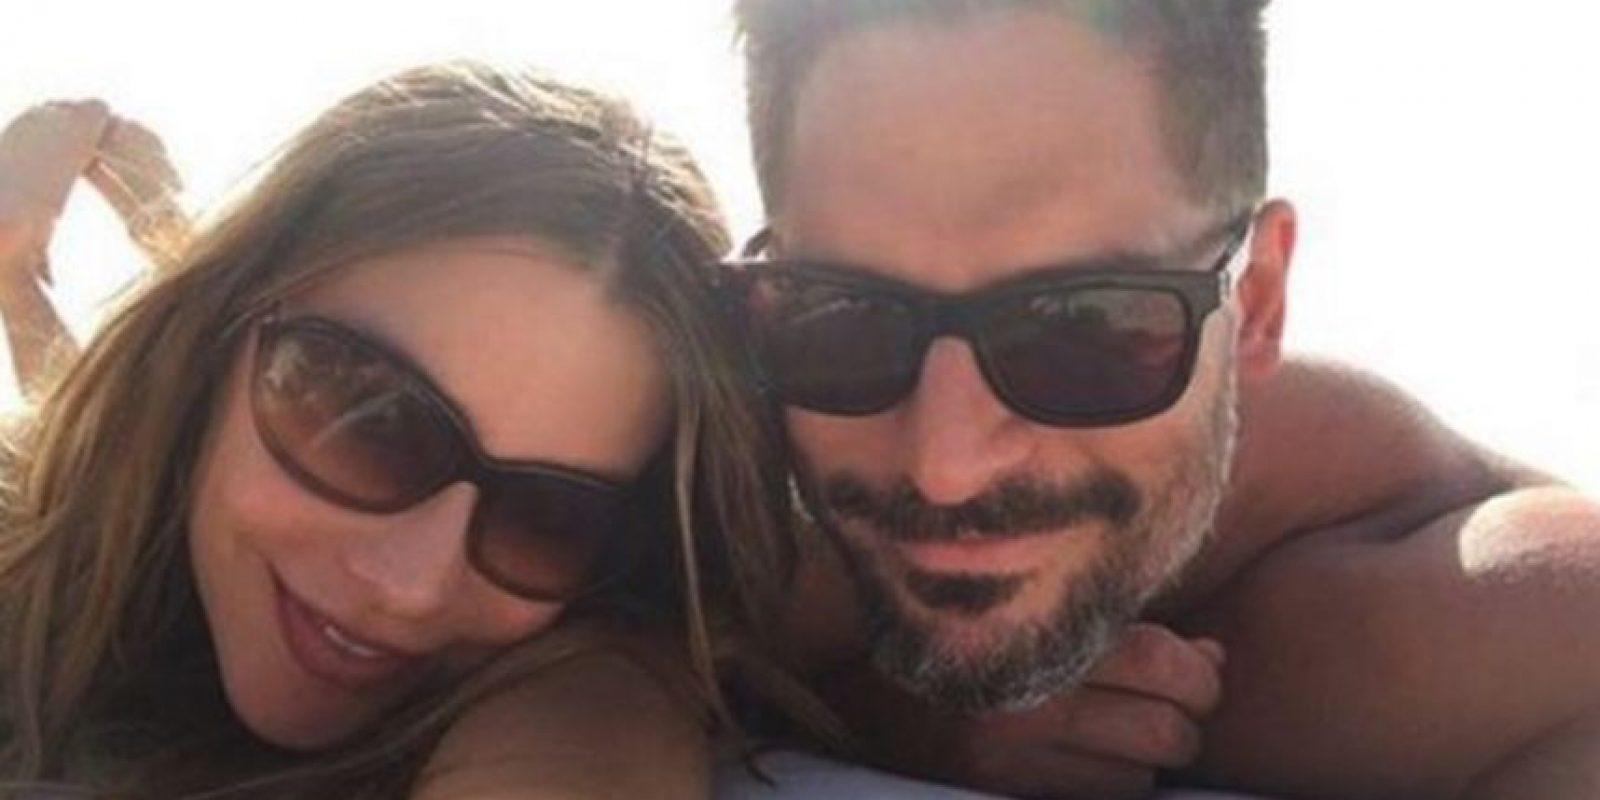 Sofía y Joe se conocieron durante una cena de corresponsales efectuada en la Casa Blanca en mayo del 2014 Foto:Vía instagram.com/joemanganiello. Imagen Por: